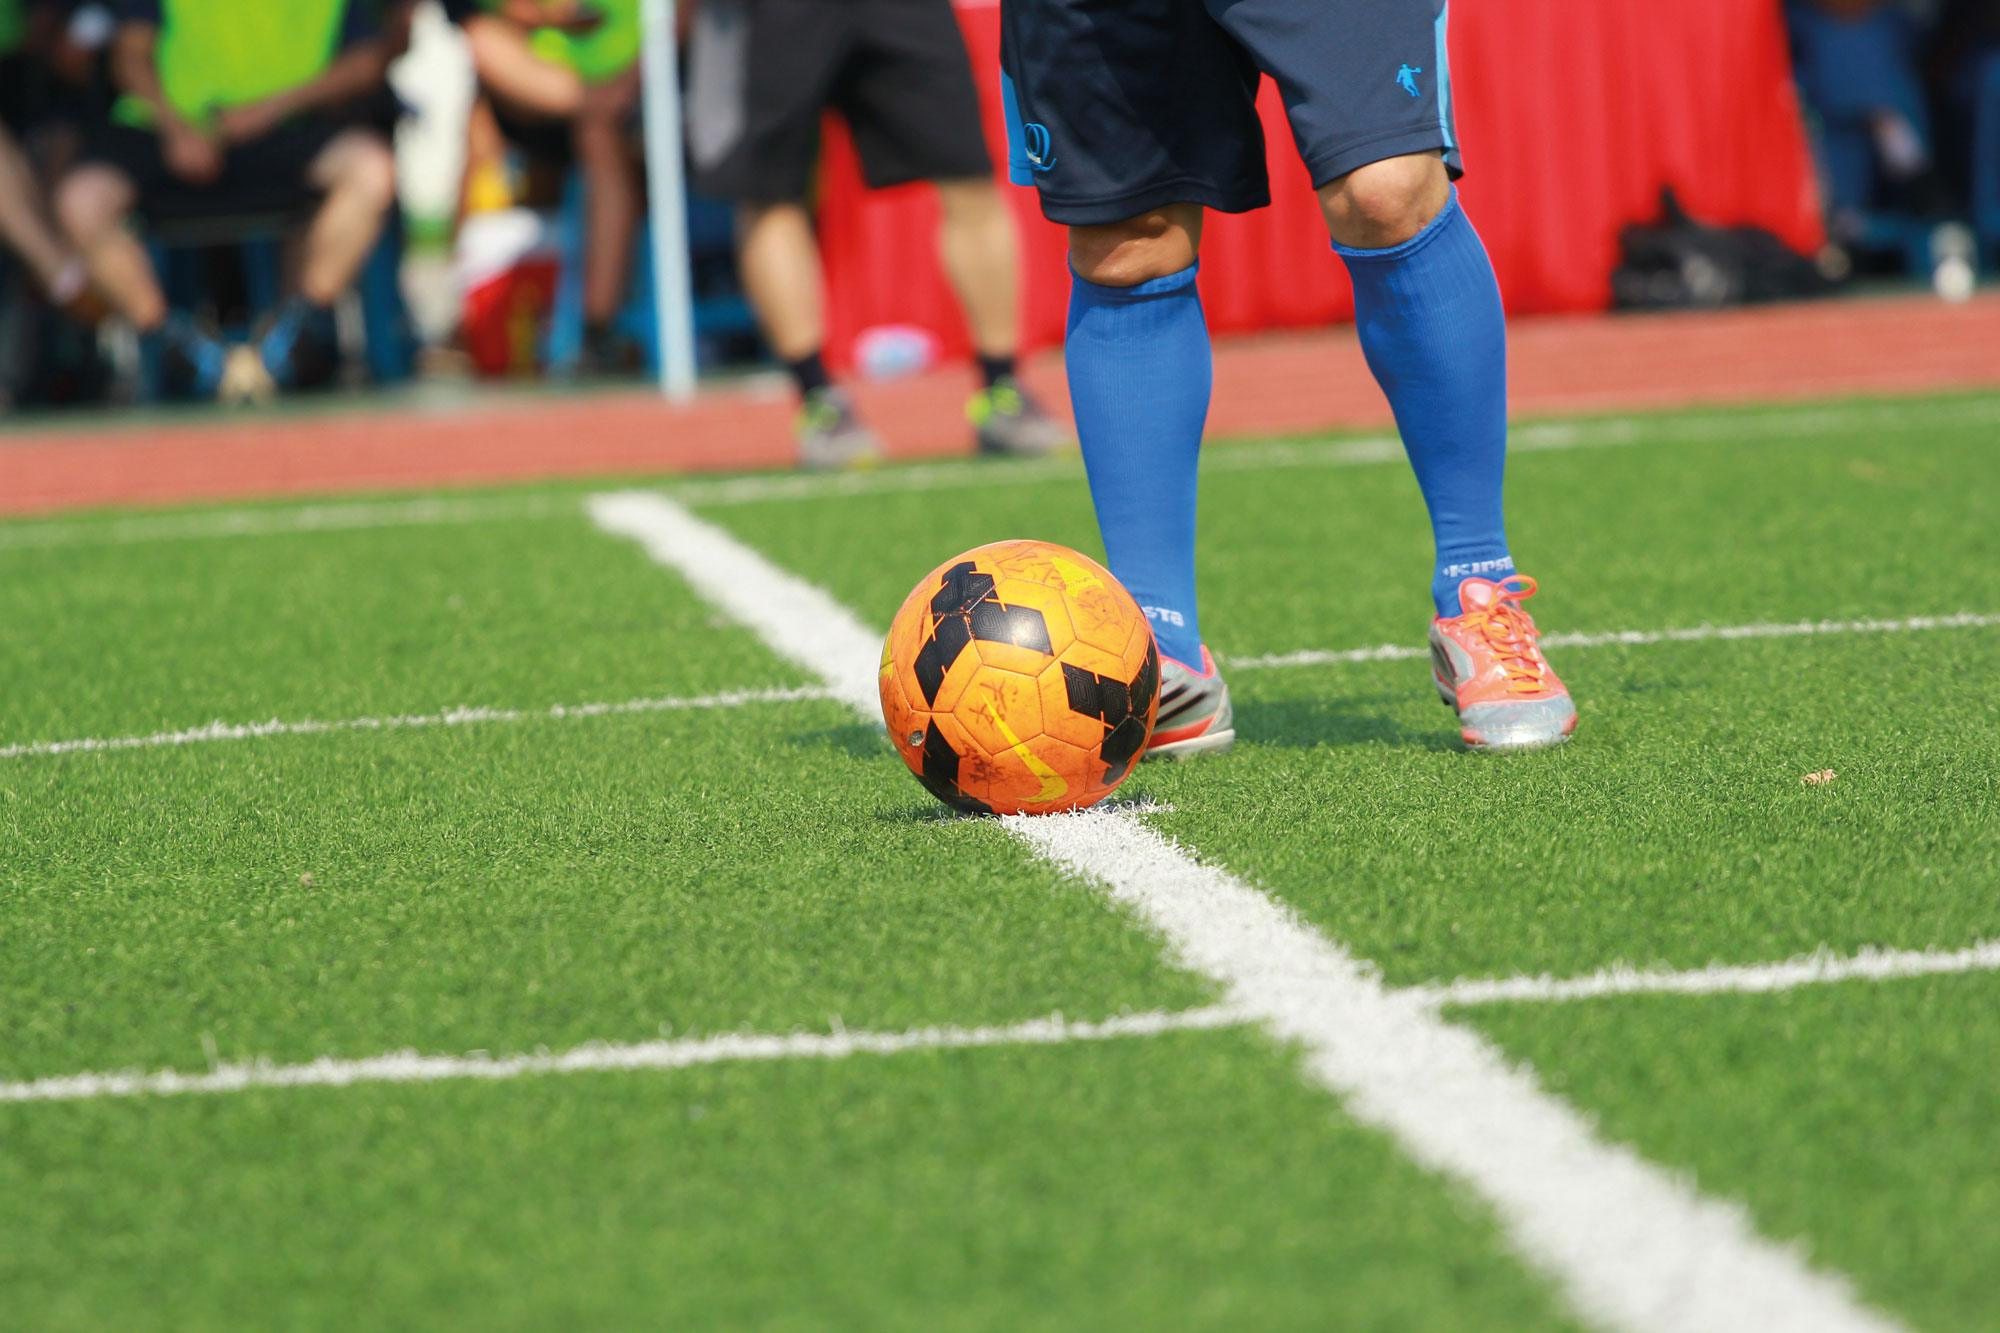 Aktuelle Fußballspiele